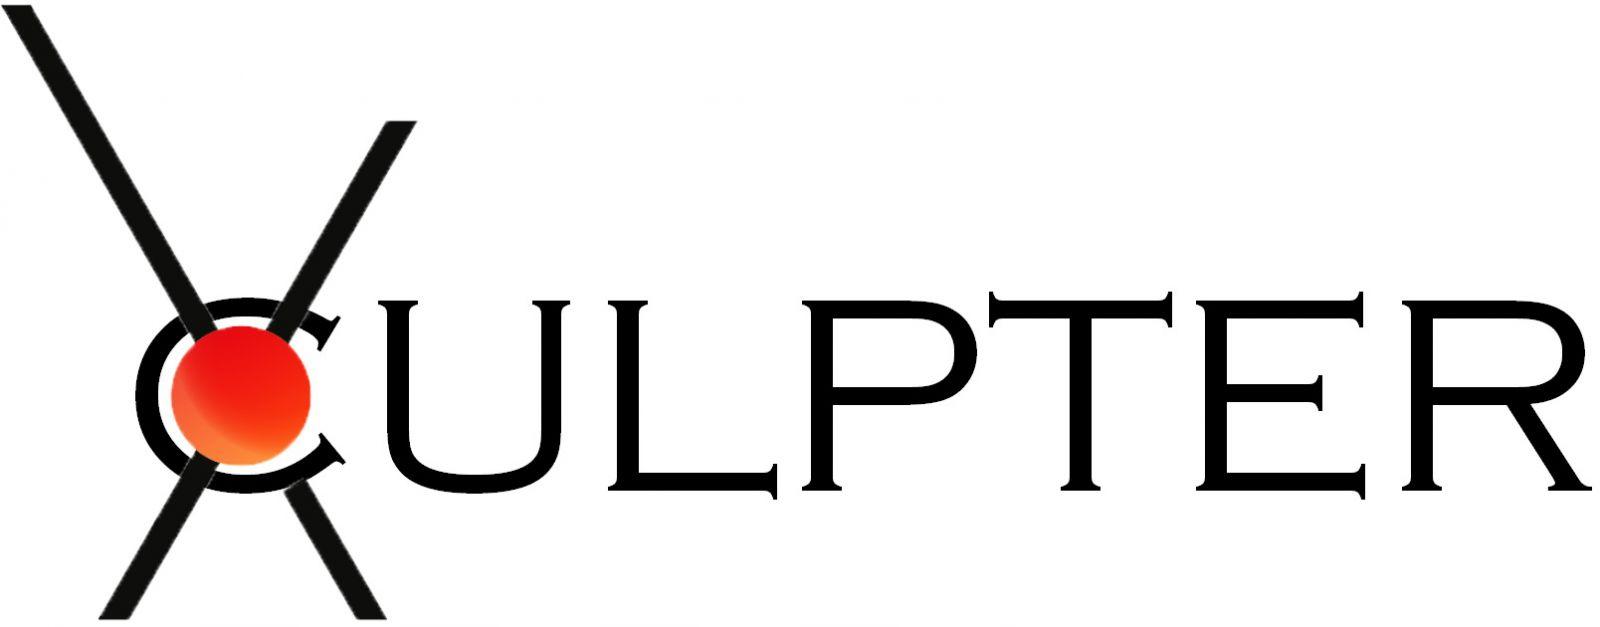 image xulpter